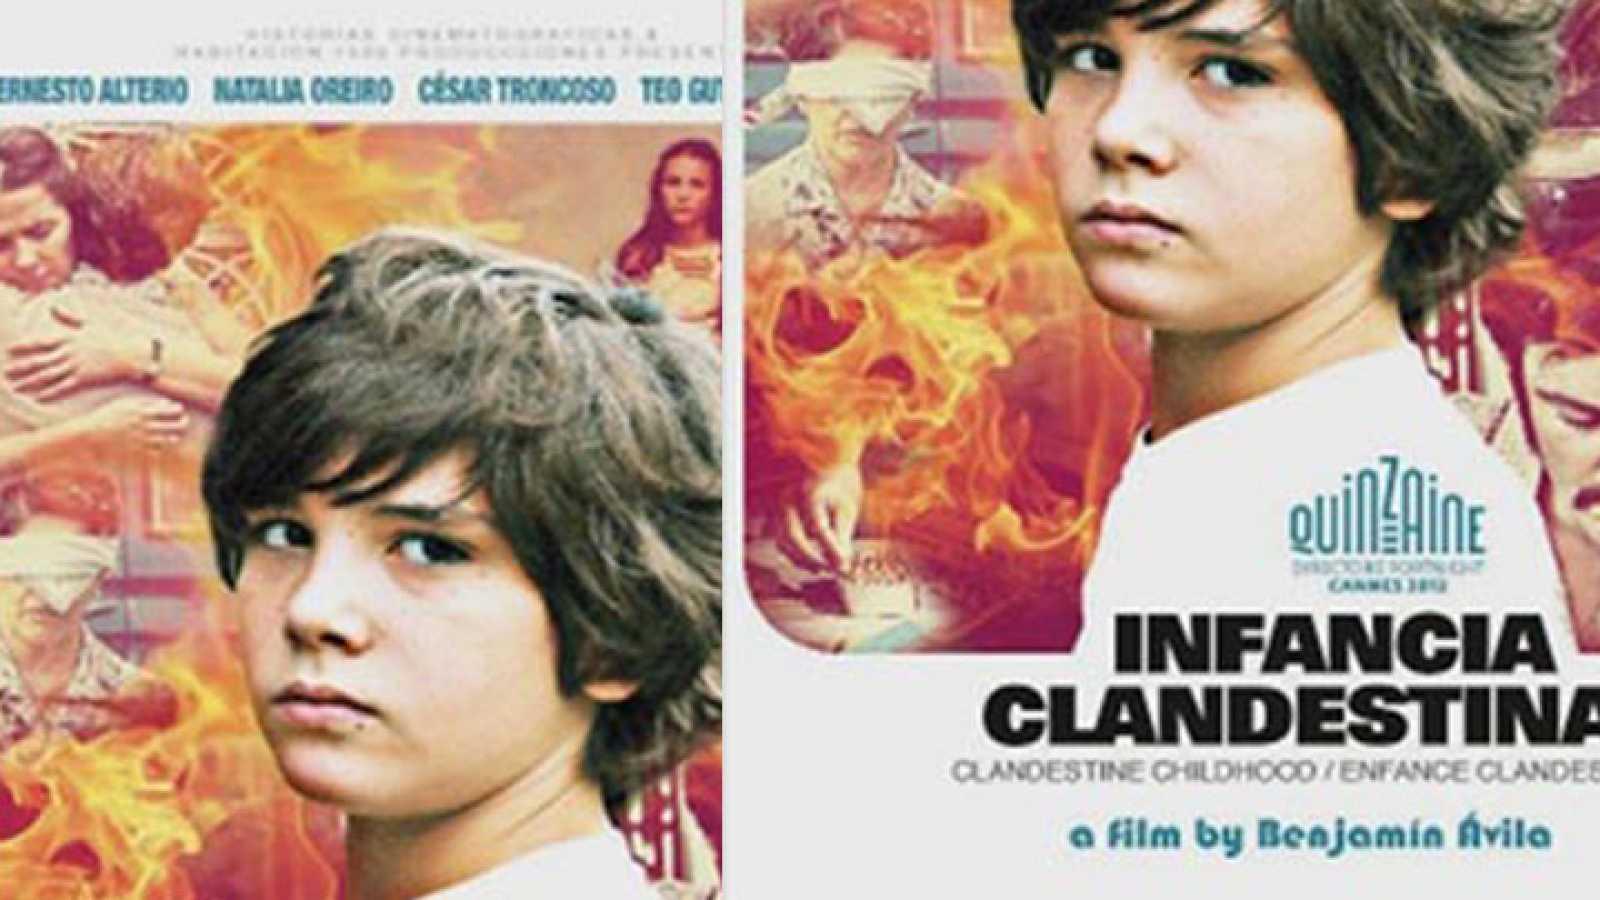 Miradas 2 -  La Infancia clandestina